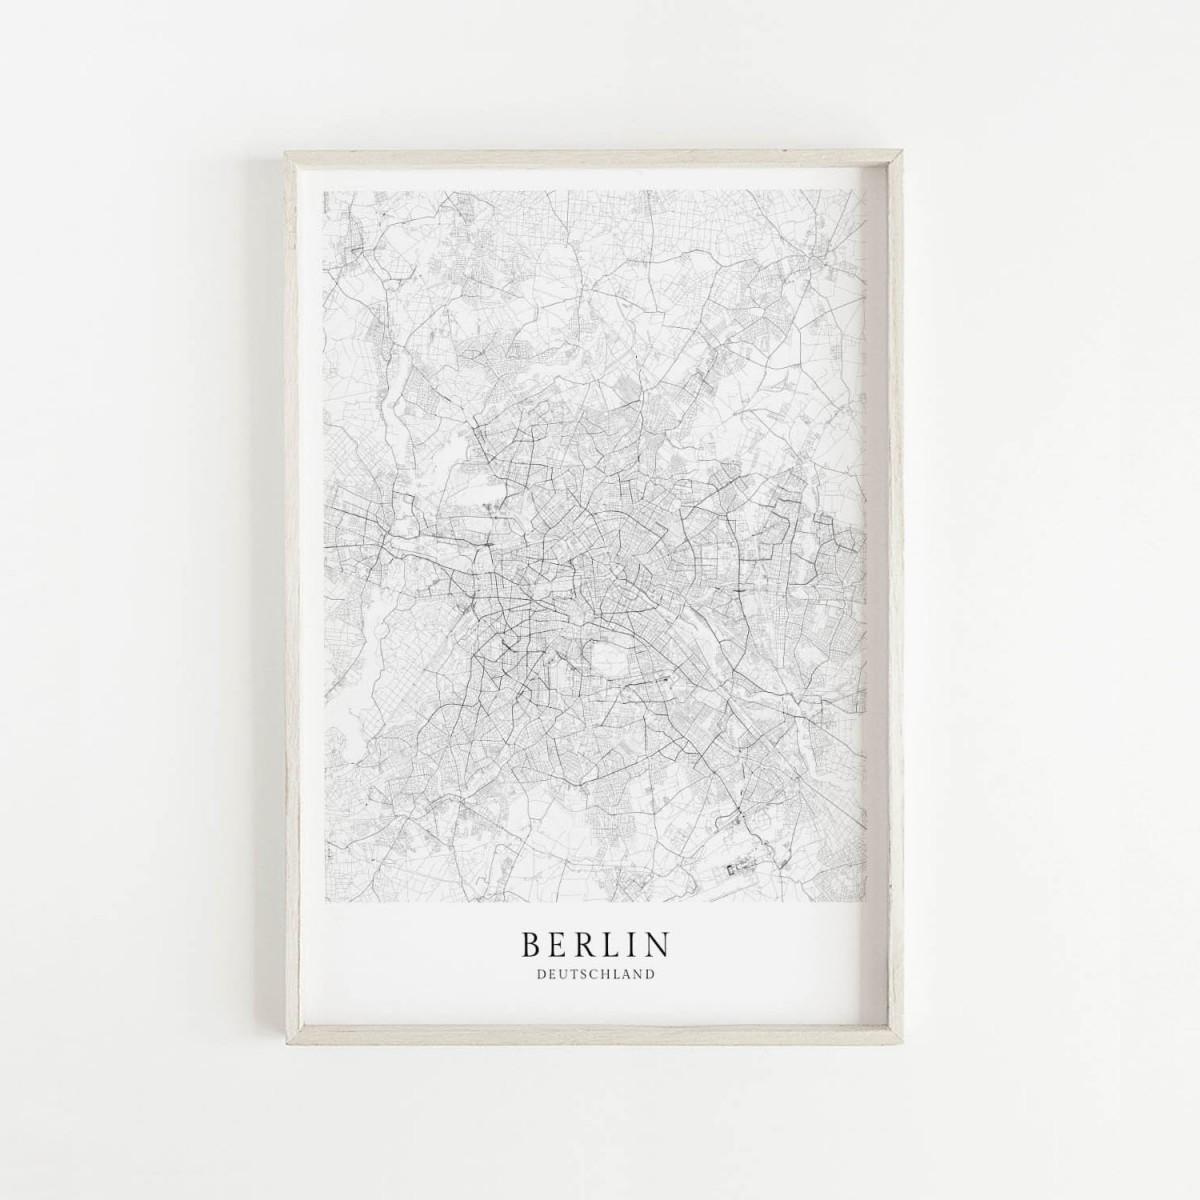 Berlin Karte als hochwertiger Print - Posterdruck im skandinavischen Stil Skanemarie